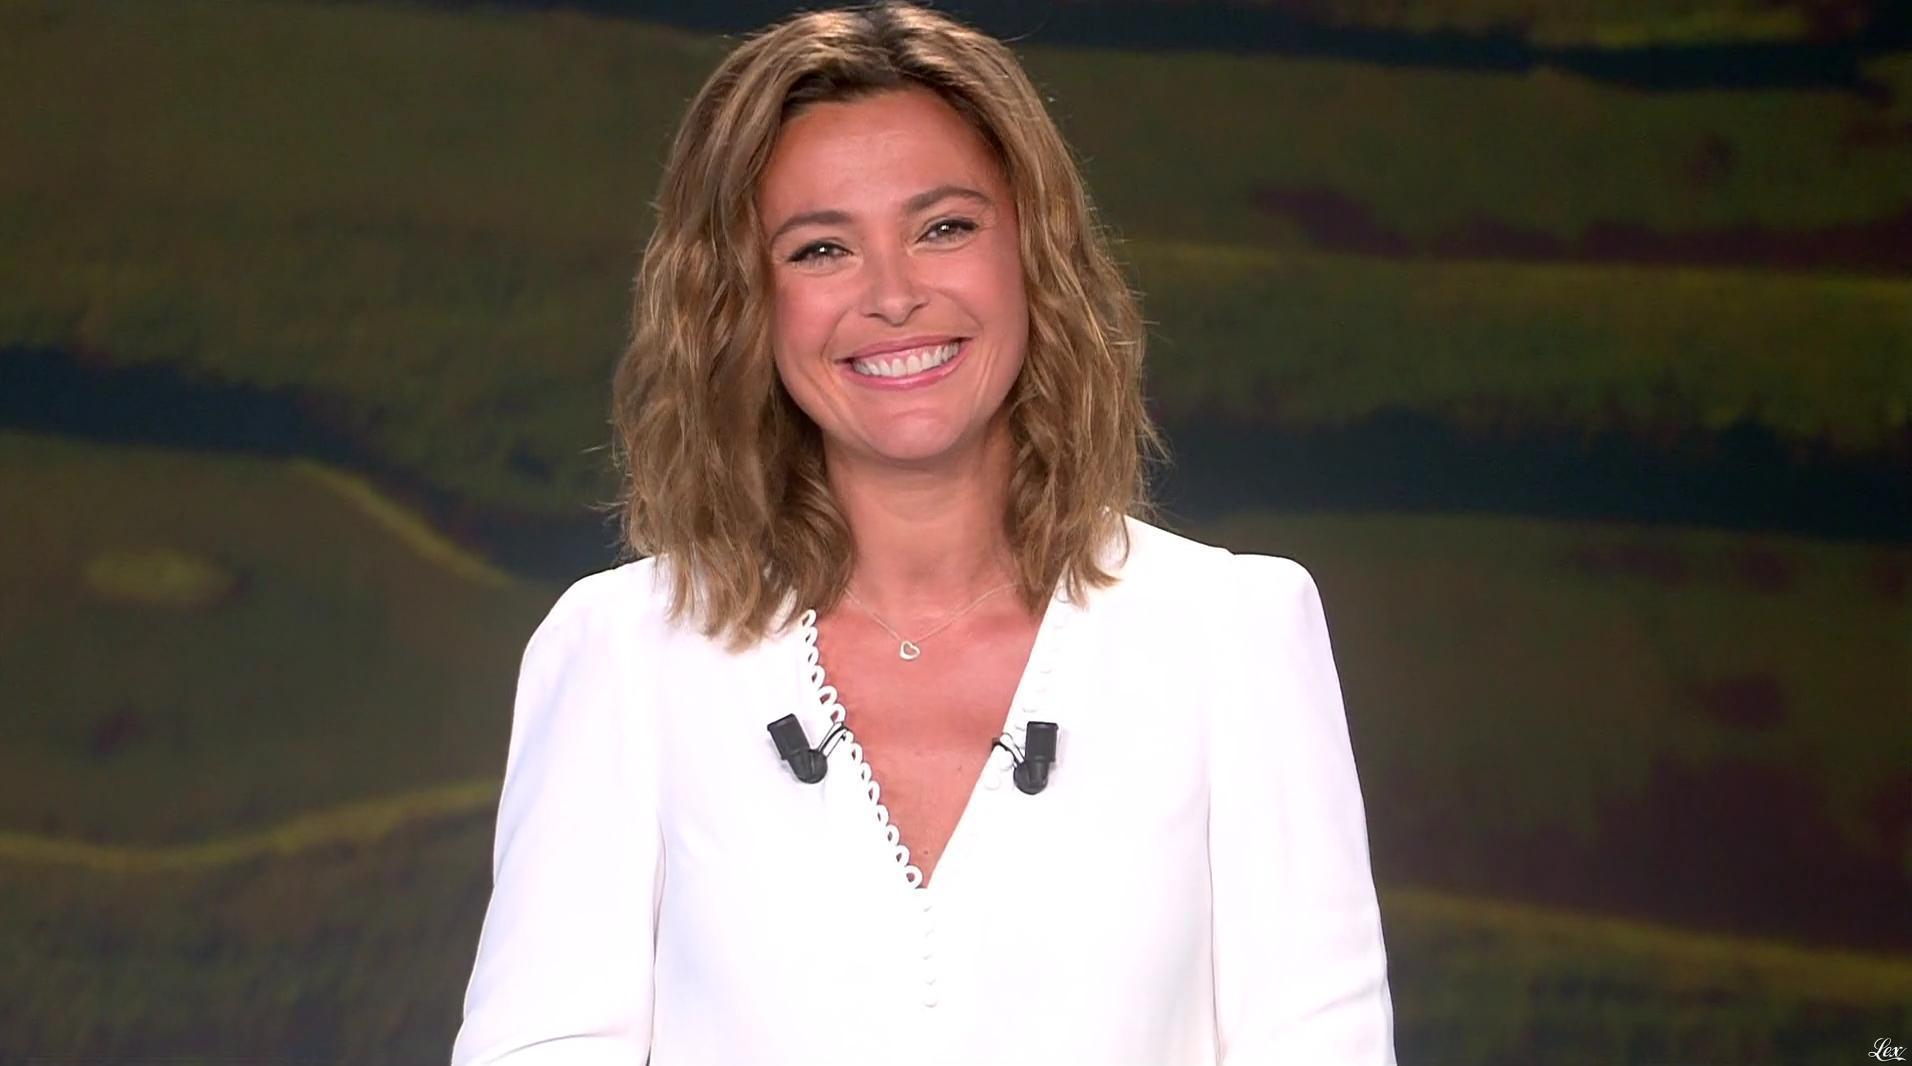 Sandrine Quétier lors du Tirage du Loto. Diffusé à la télévision le 29/08/16.